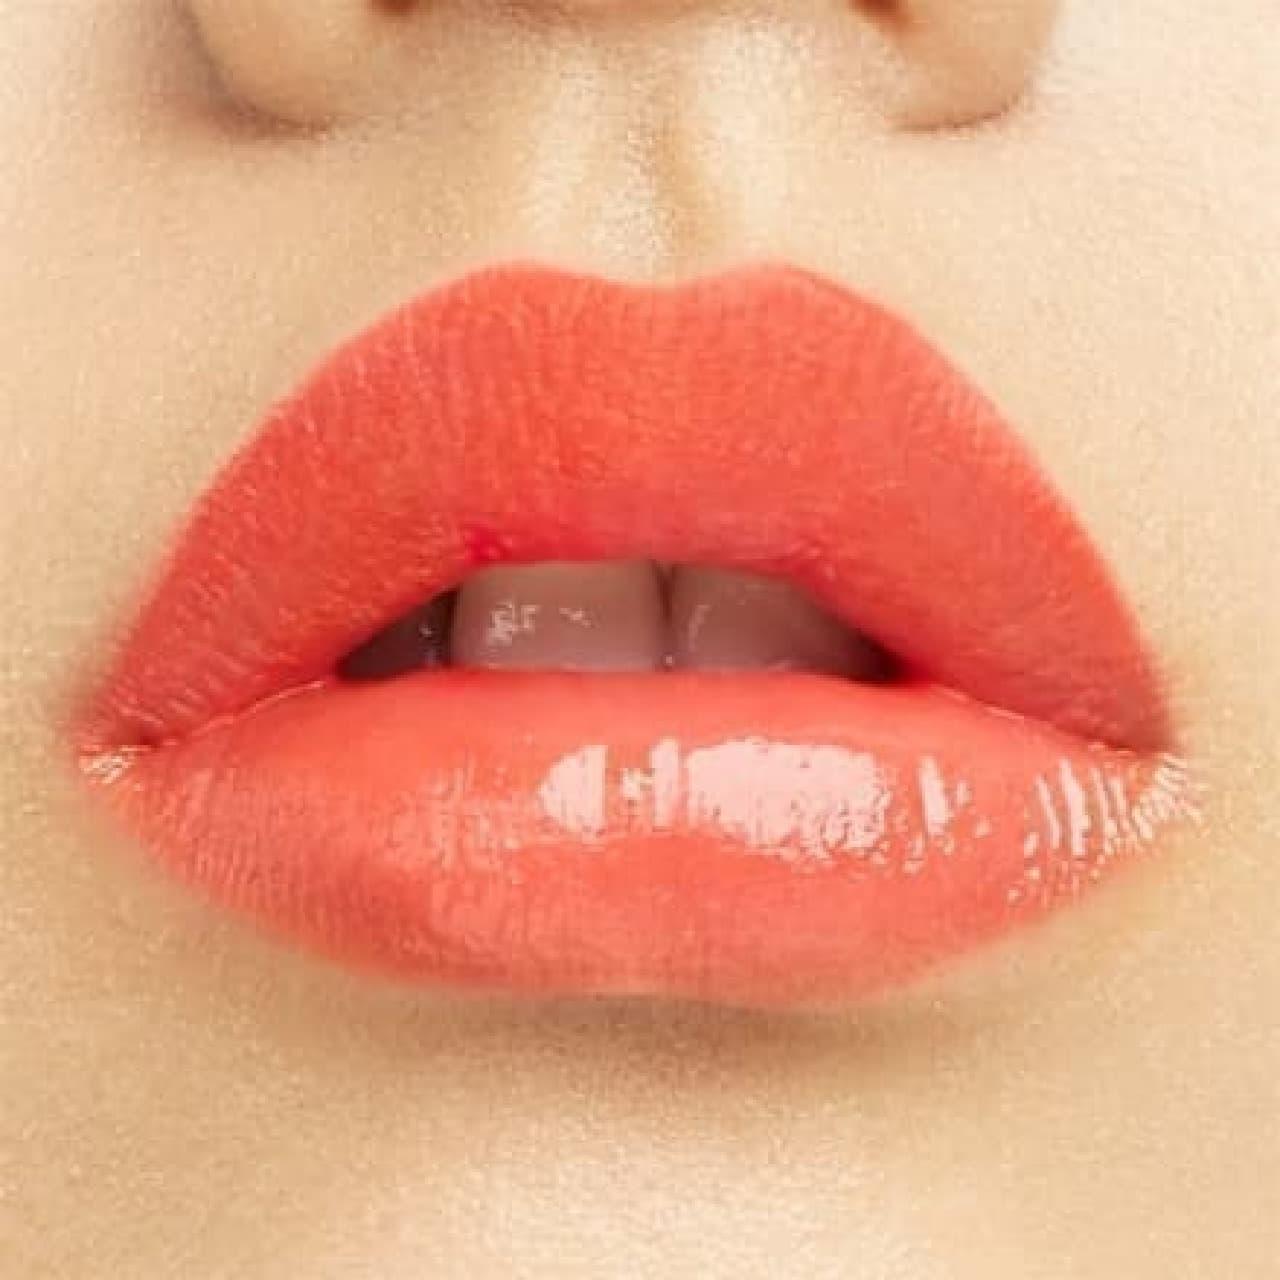 シュウ ウエムラのルージュ アンリミテッドを塗った唇